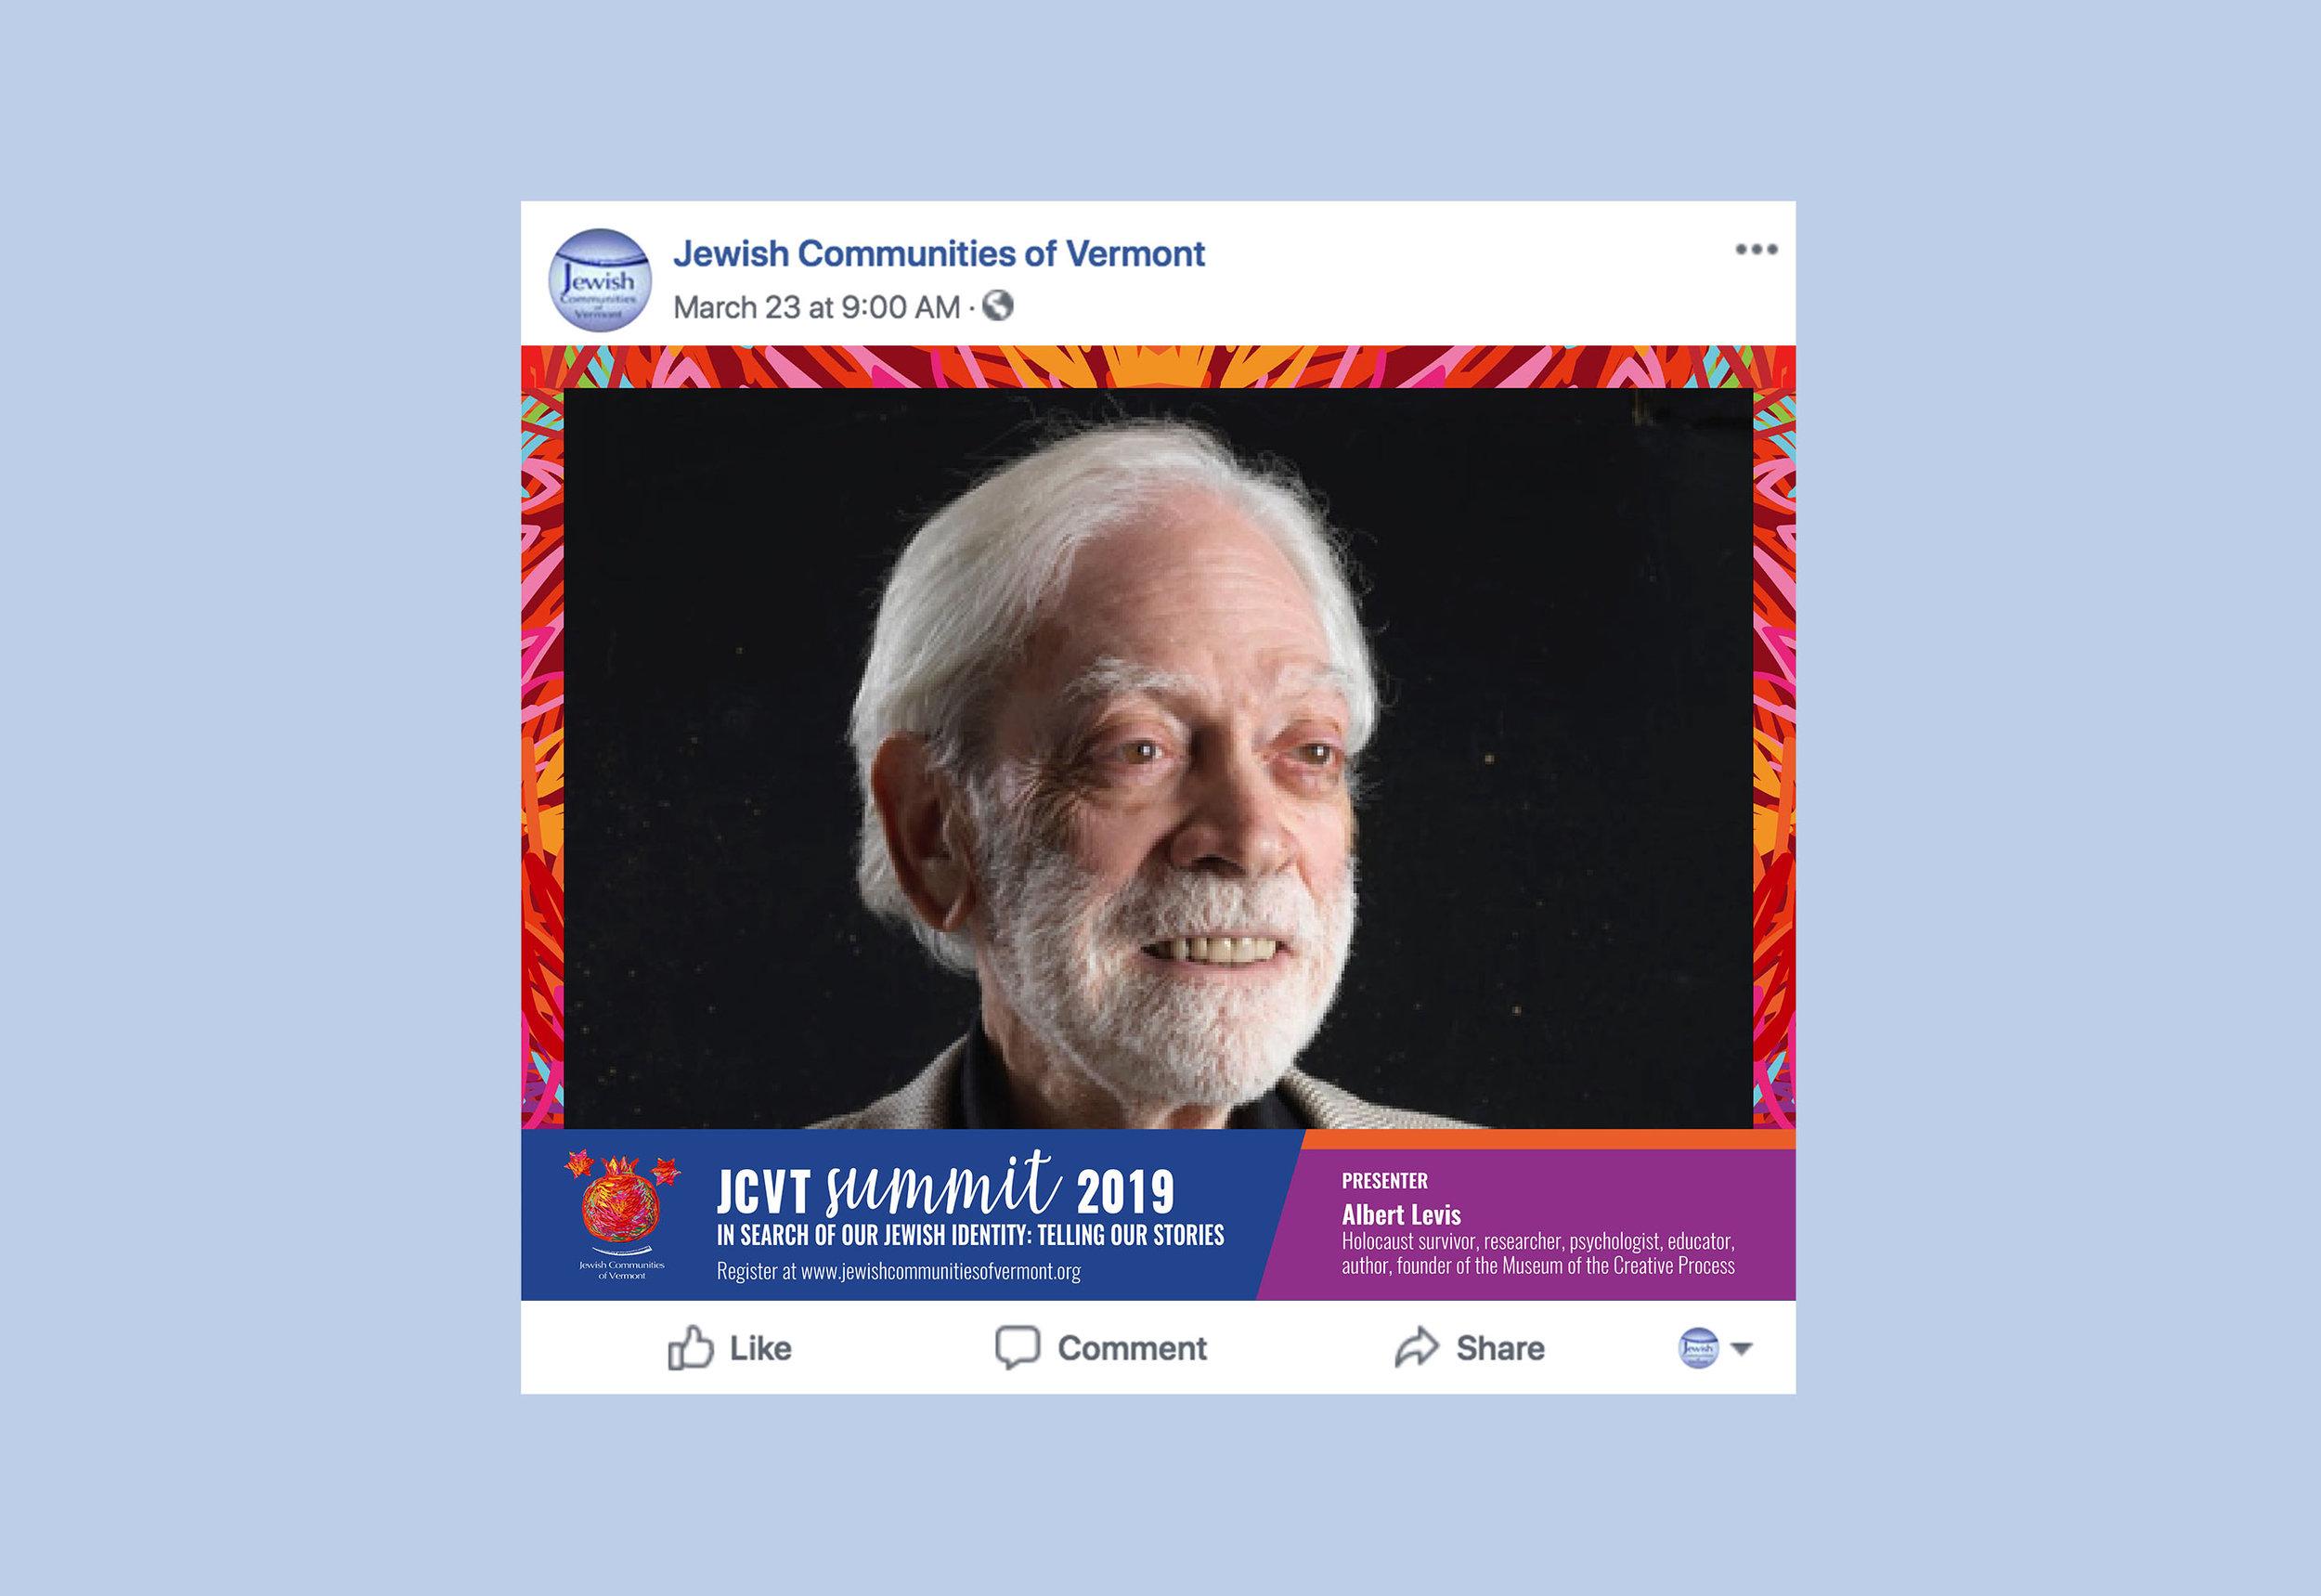 JCVT_Summit_Facebook_Mockup_AlbertLevis.jpg